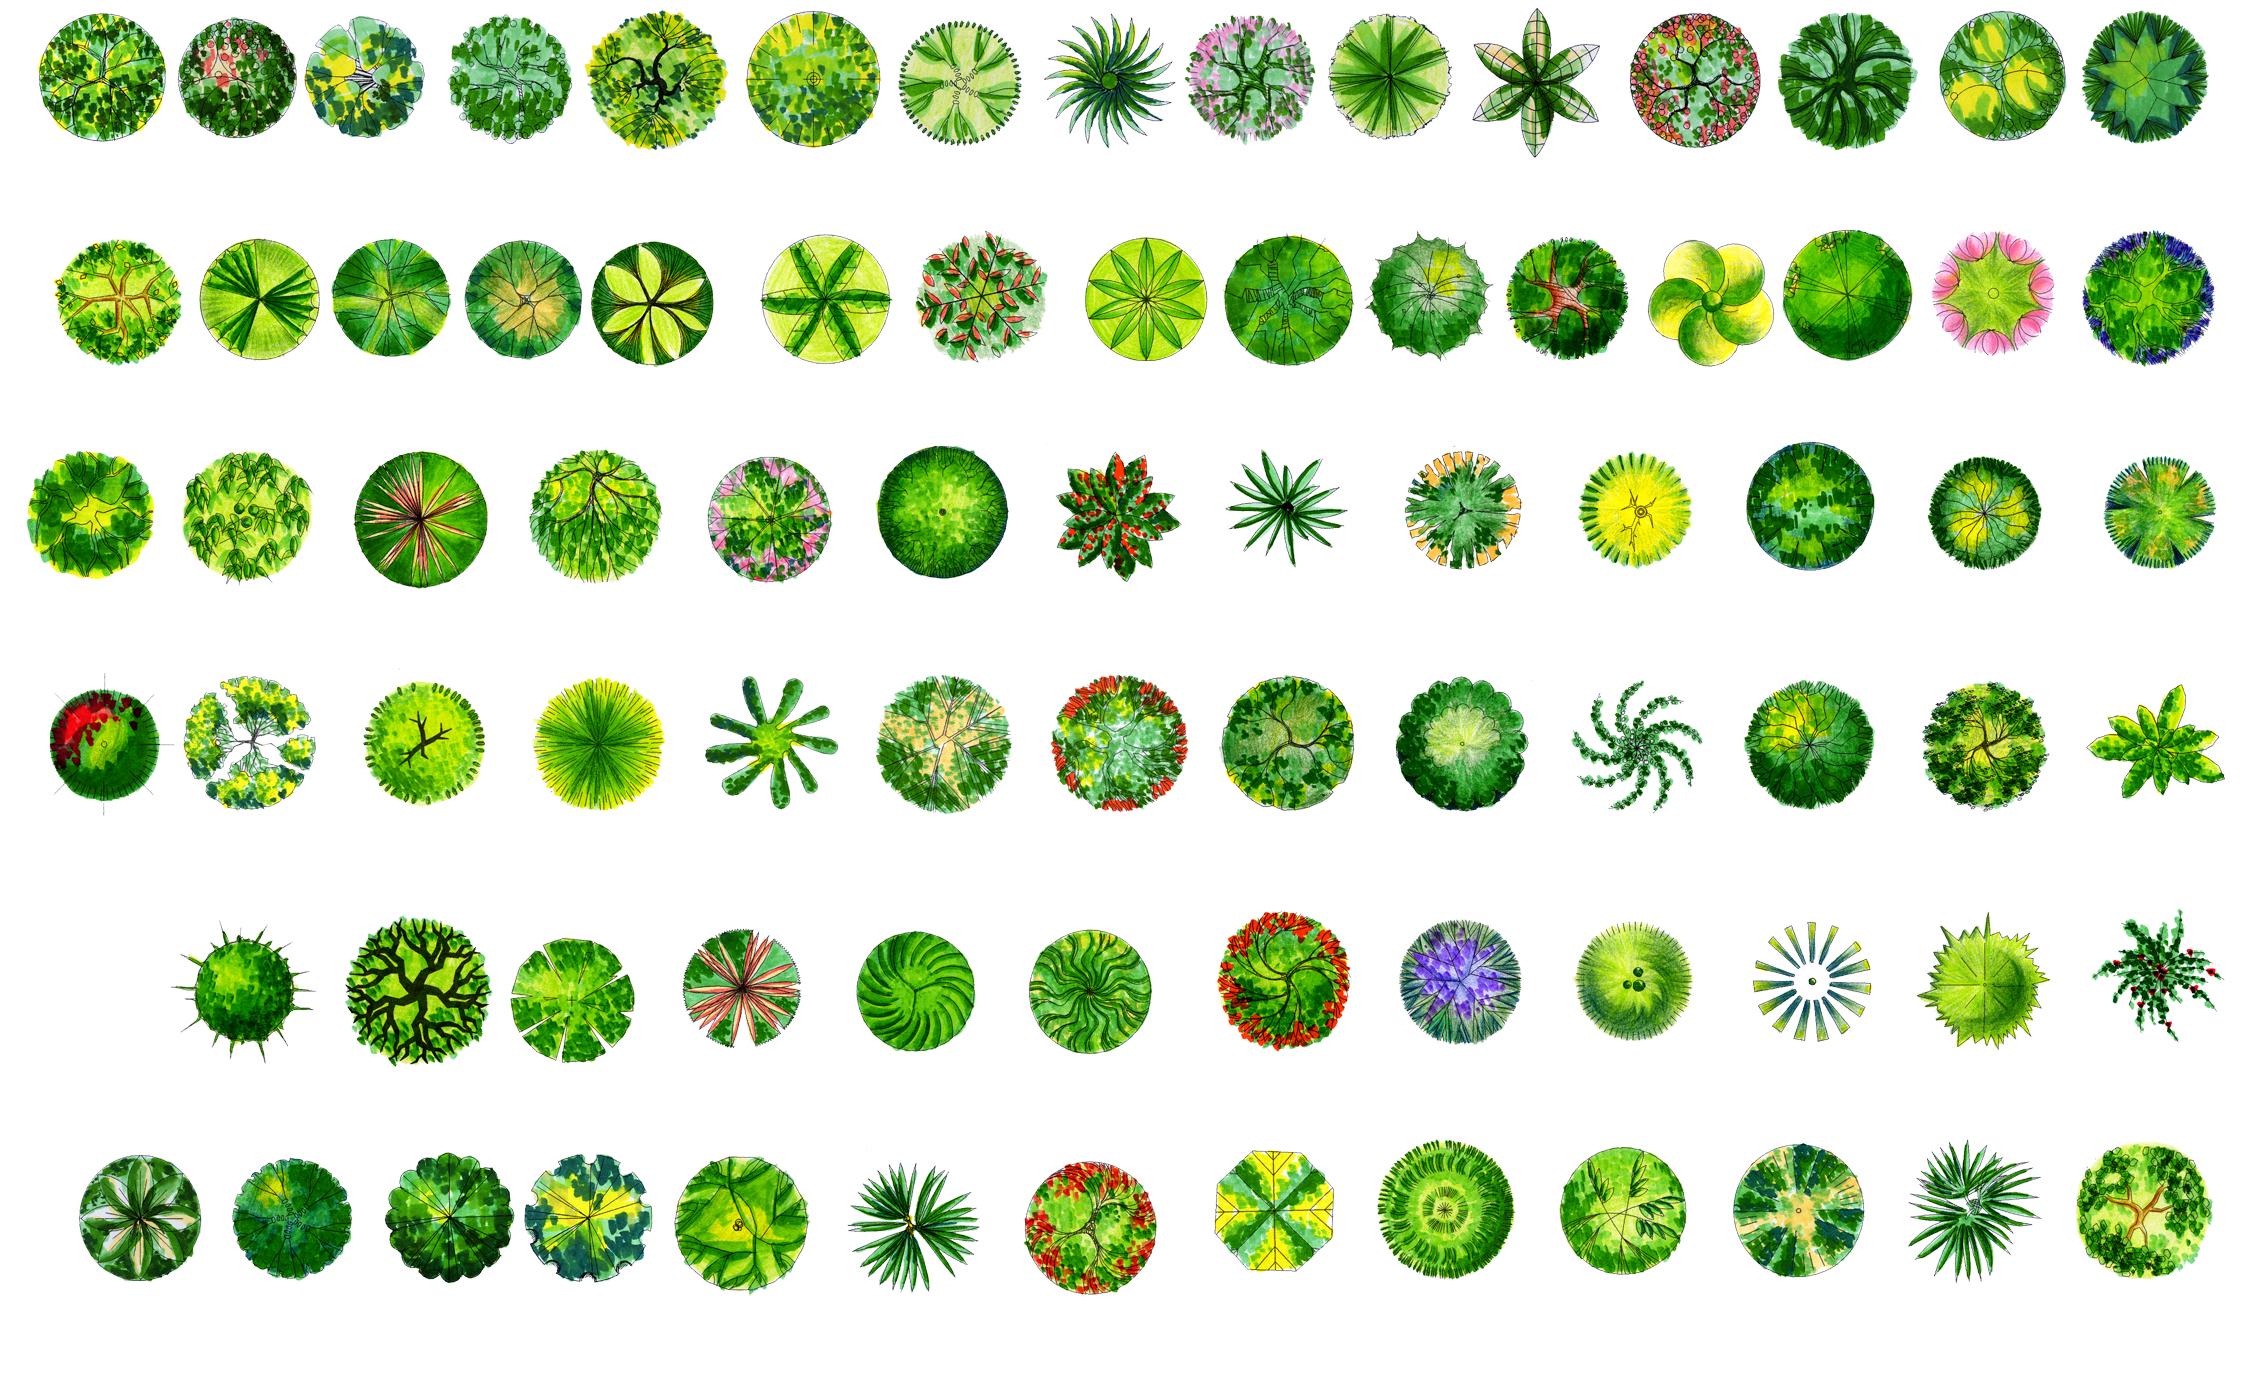 园林植物平面图例大全bysangge f:ps植物平面图块植物图例 ps植物平